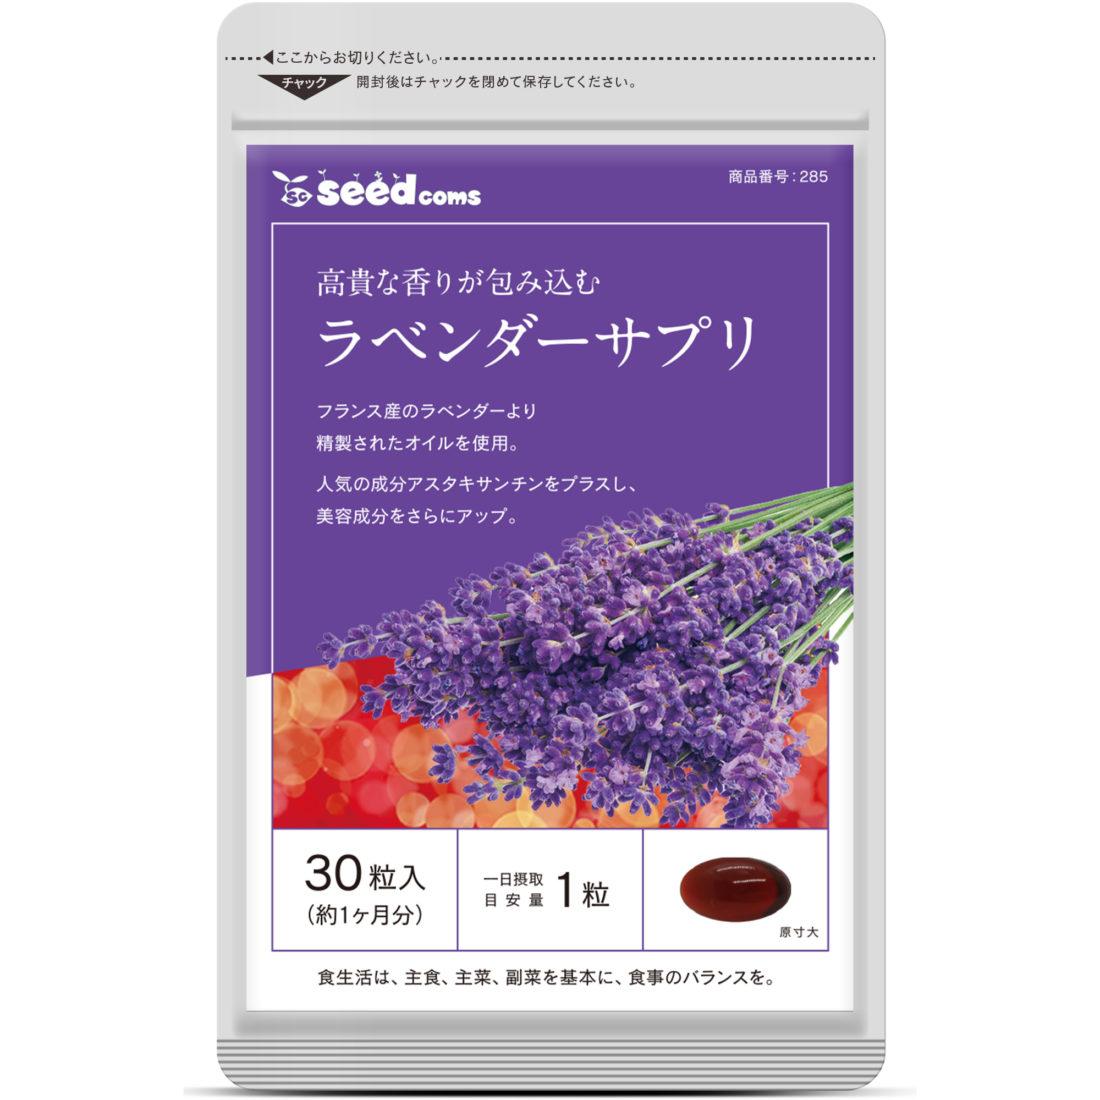 ラベンダー シードコムス seedcoms